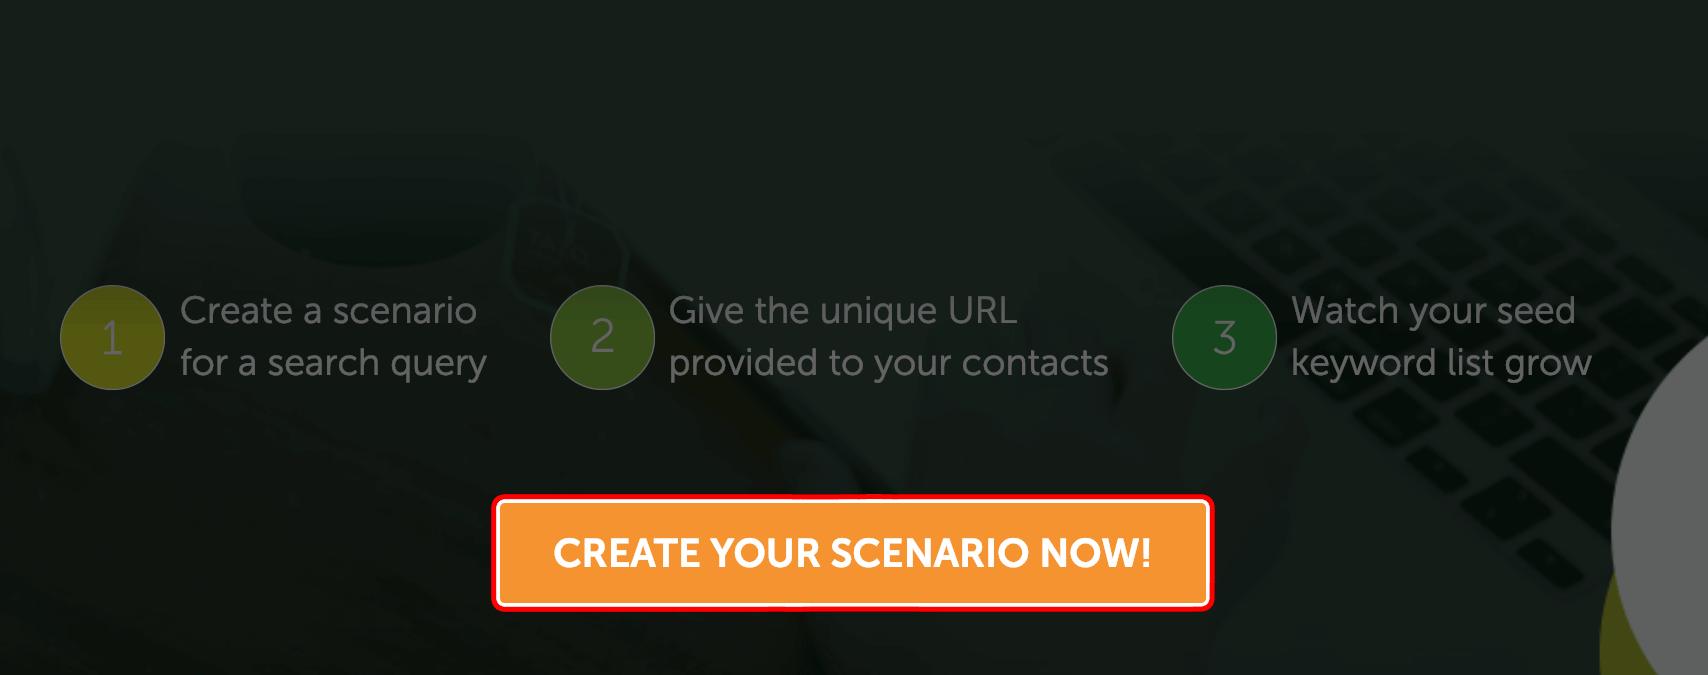 SeedKeywords – Create scenario